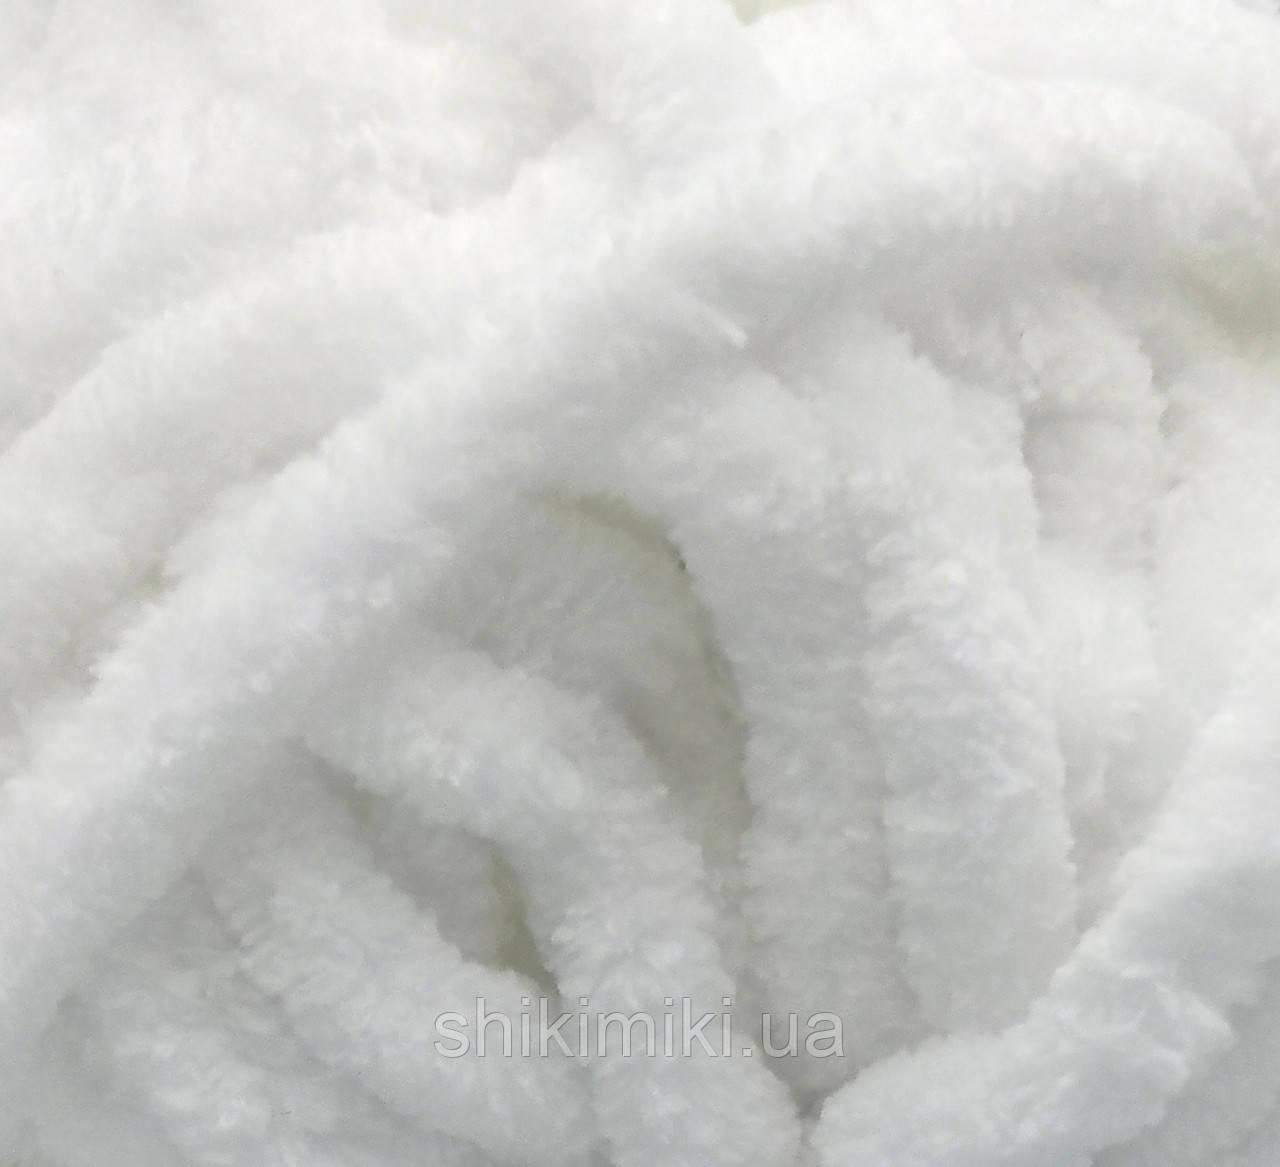 Пряжа велюровая Dolphin Big, цвет Белый